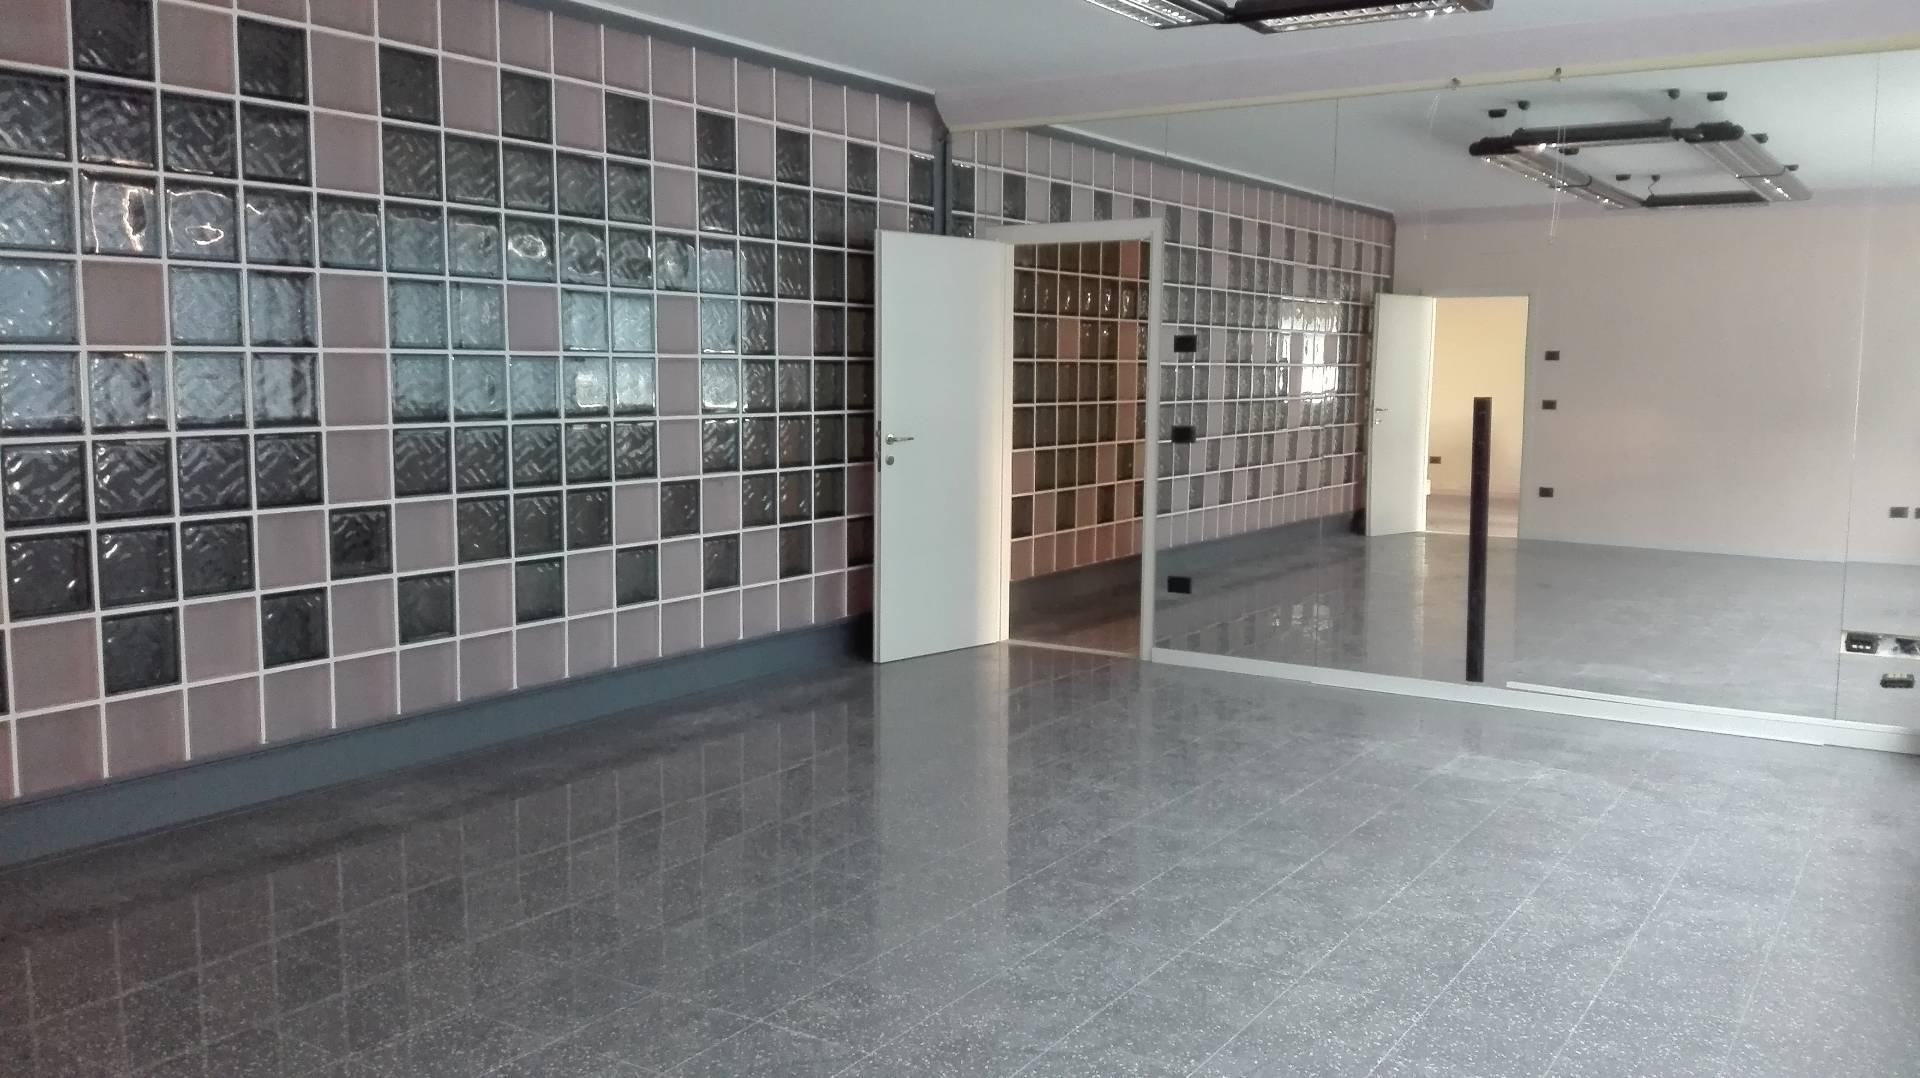 Ufficio / Studio in affitto a Lugo, 9999 locali, prezzo € 1.600 | Cambio Casa.it